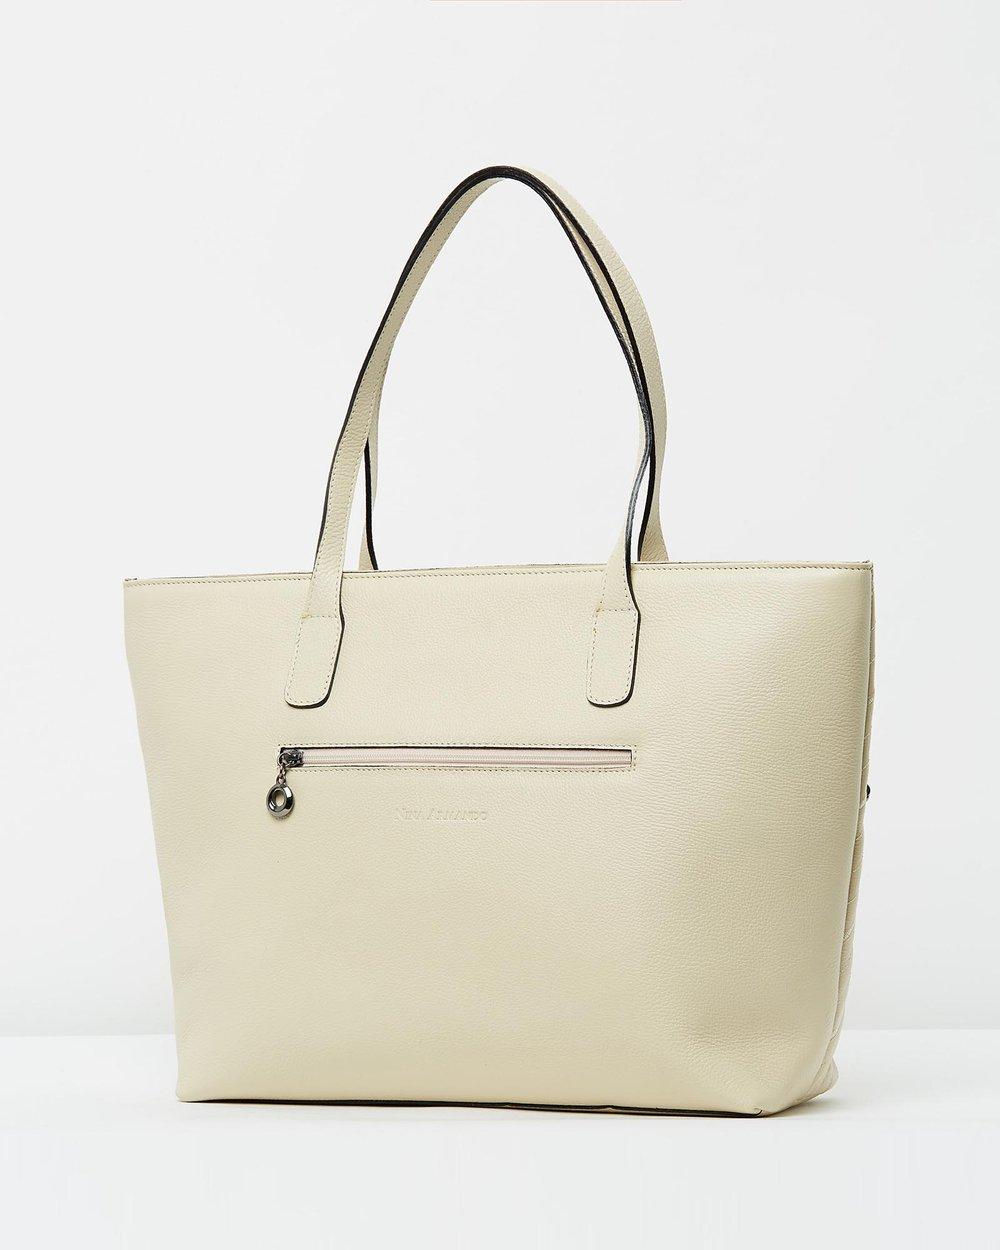 Victoria - Off White